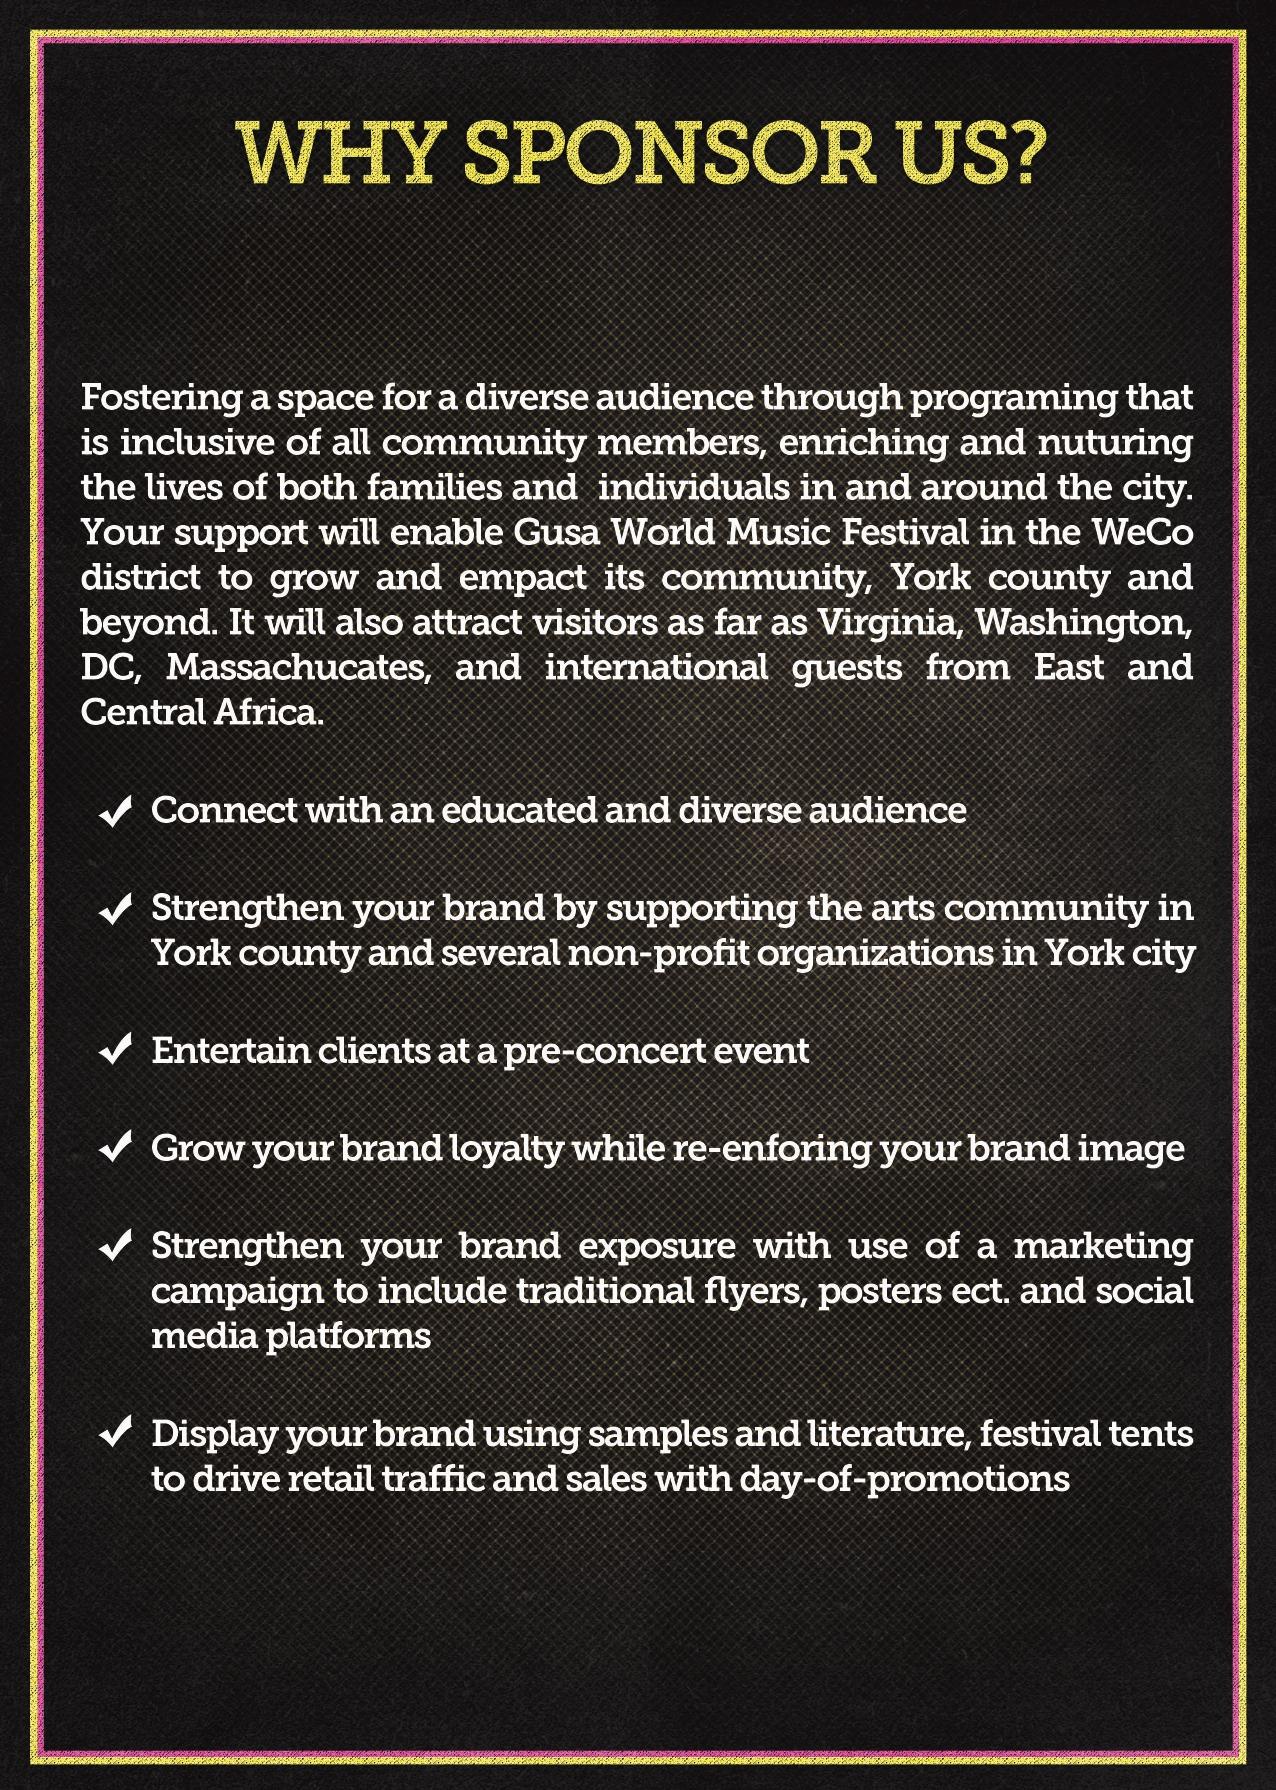 Gusa World Music Festival Sponsor Packet_page-0006.jpg